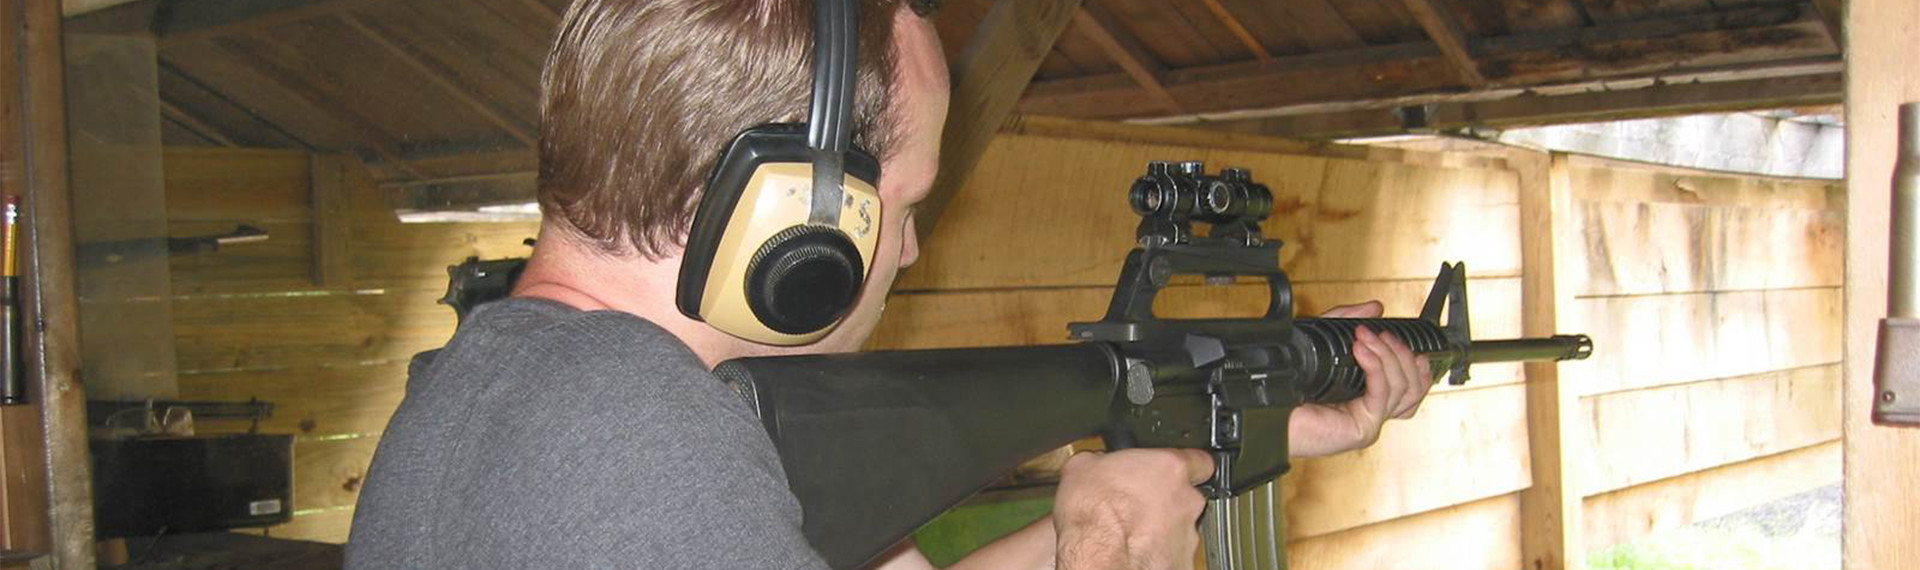 Gewehrschießen im Bunker Pilsen